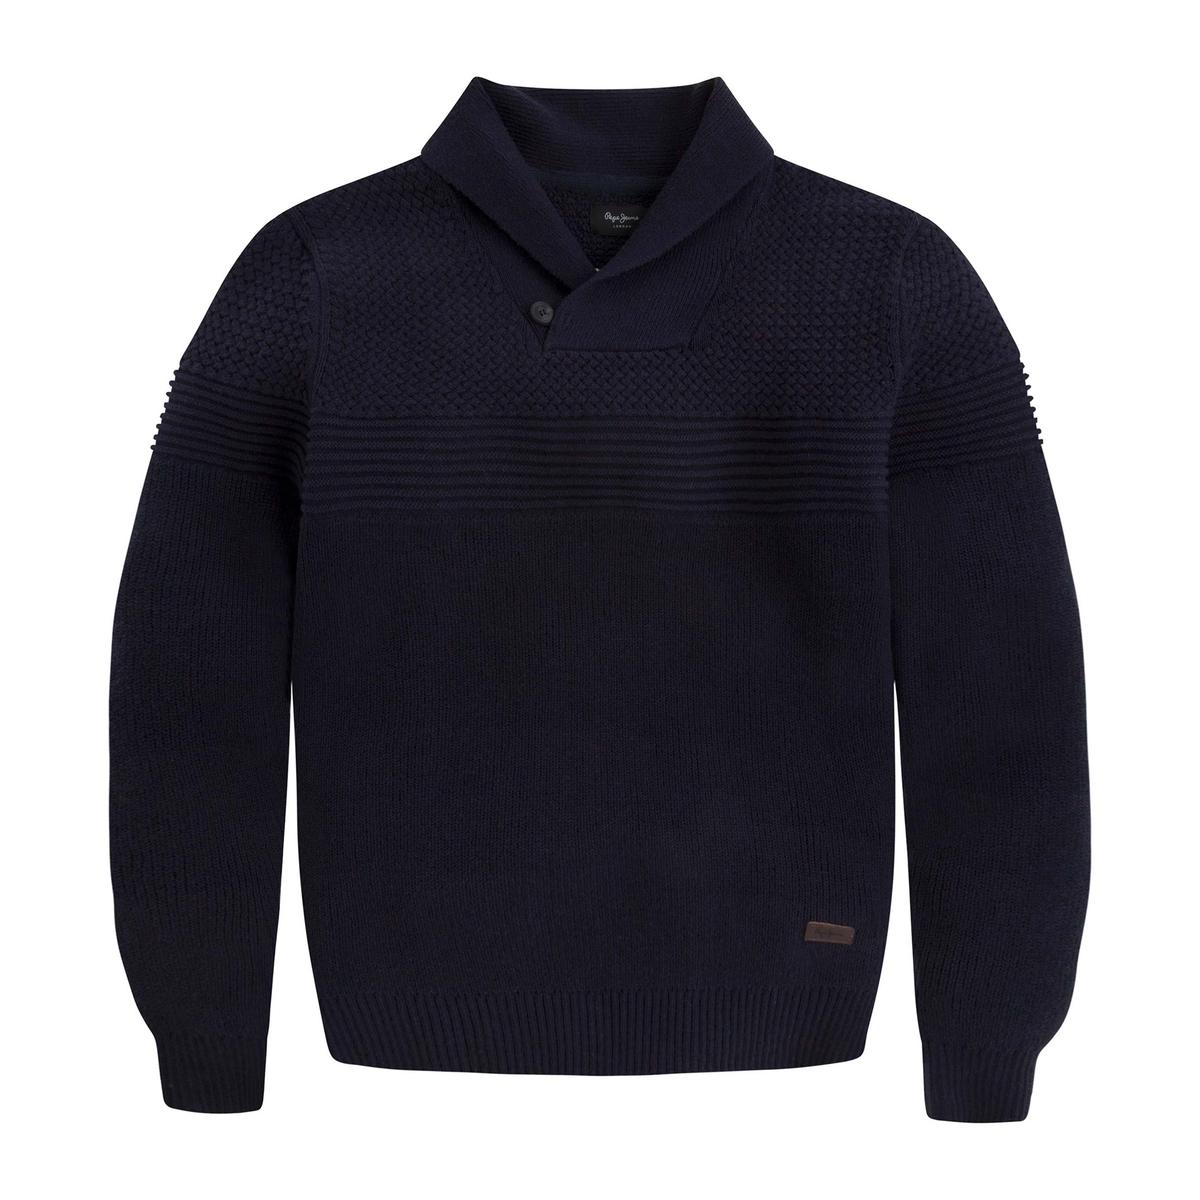 Пуловер с шалевым воротником и застежкой на пуговицы, LANCASTER 100% хлопок кардиган большого размера с шалевым воротником на пуговицах